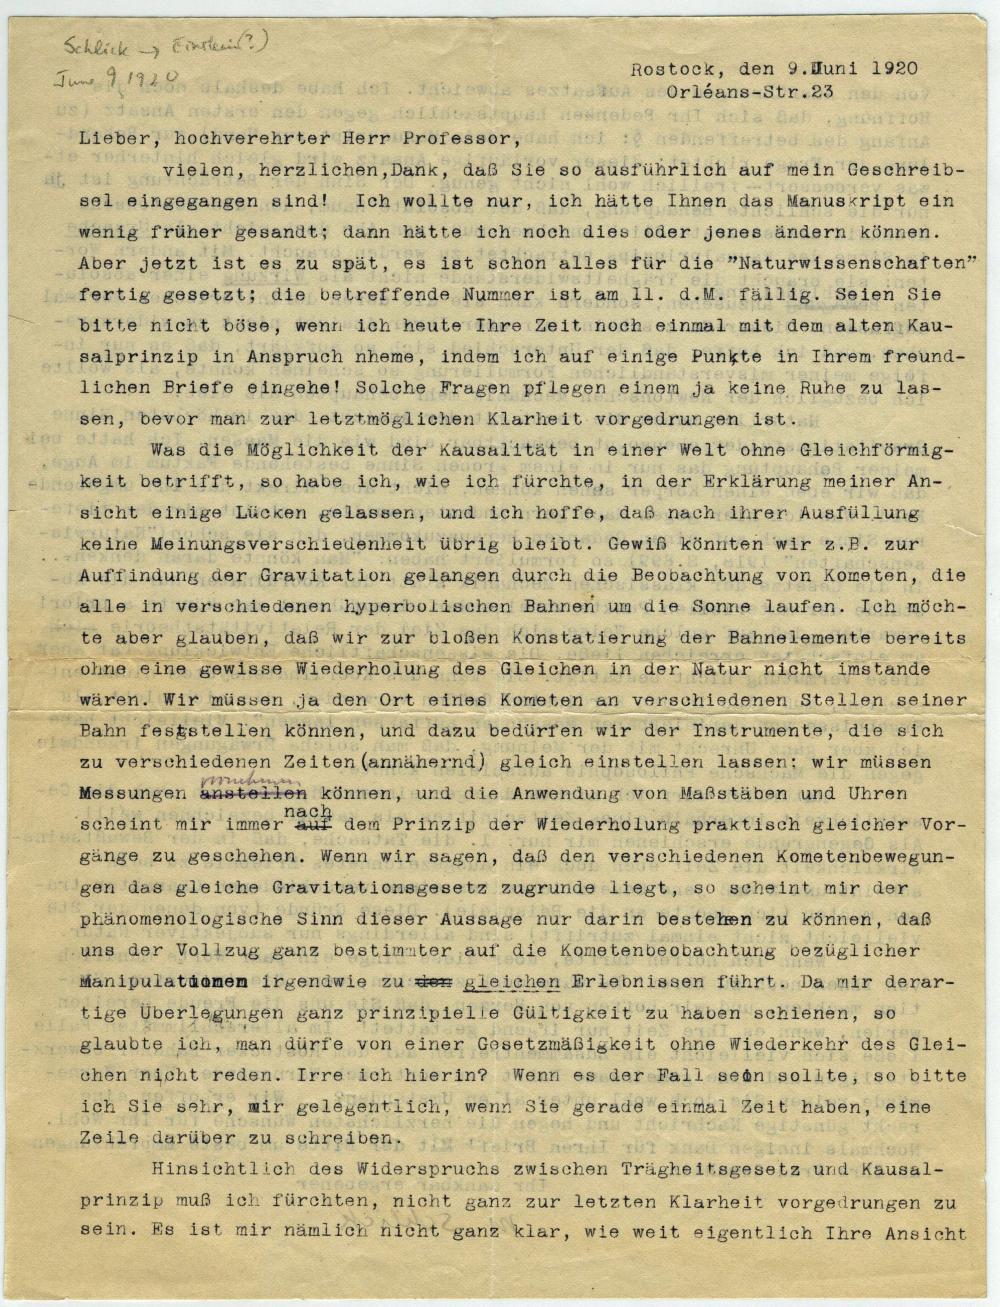 Schlick to Einstein on General Relativity and Much More!